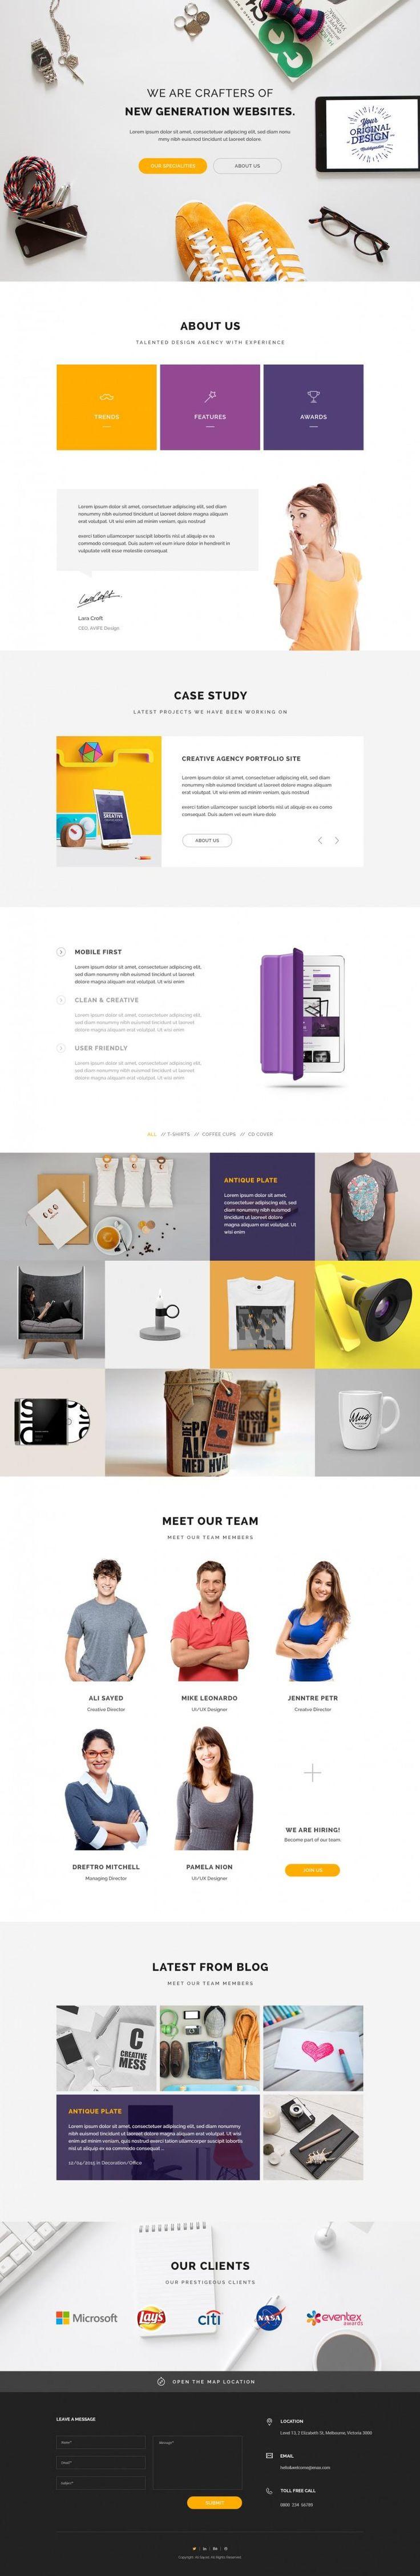 333 best Web images on Pinterest | Design websites, Website designs ...